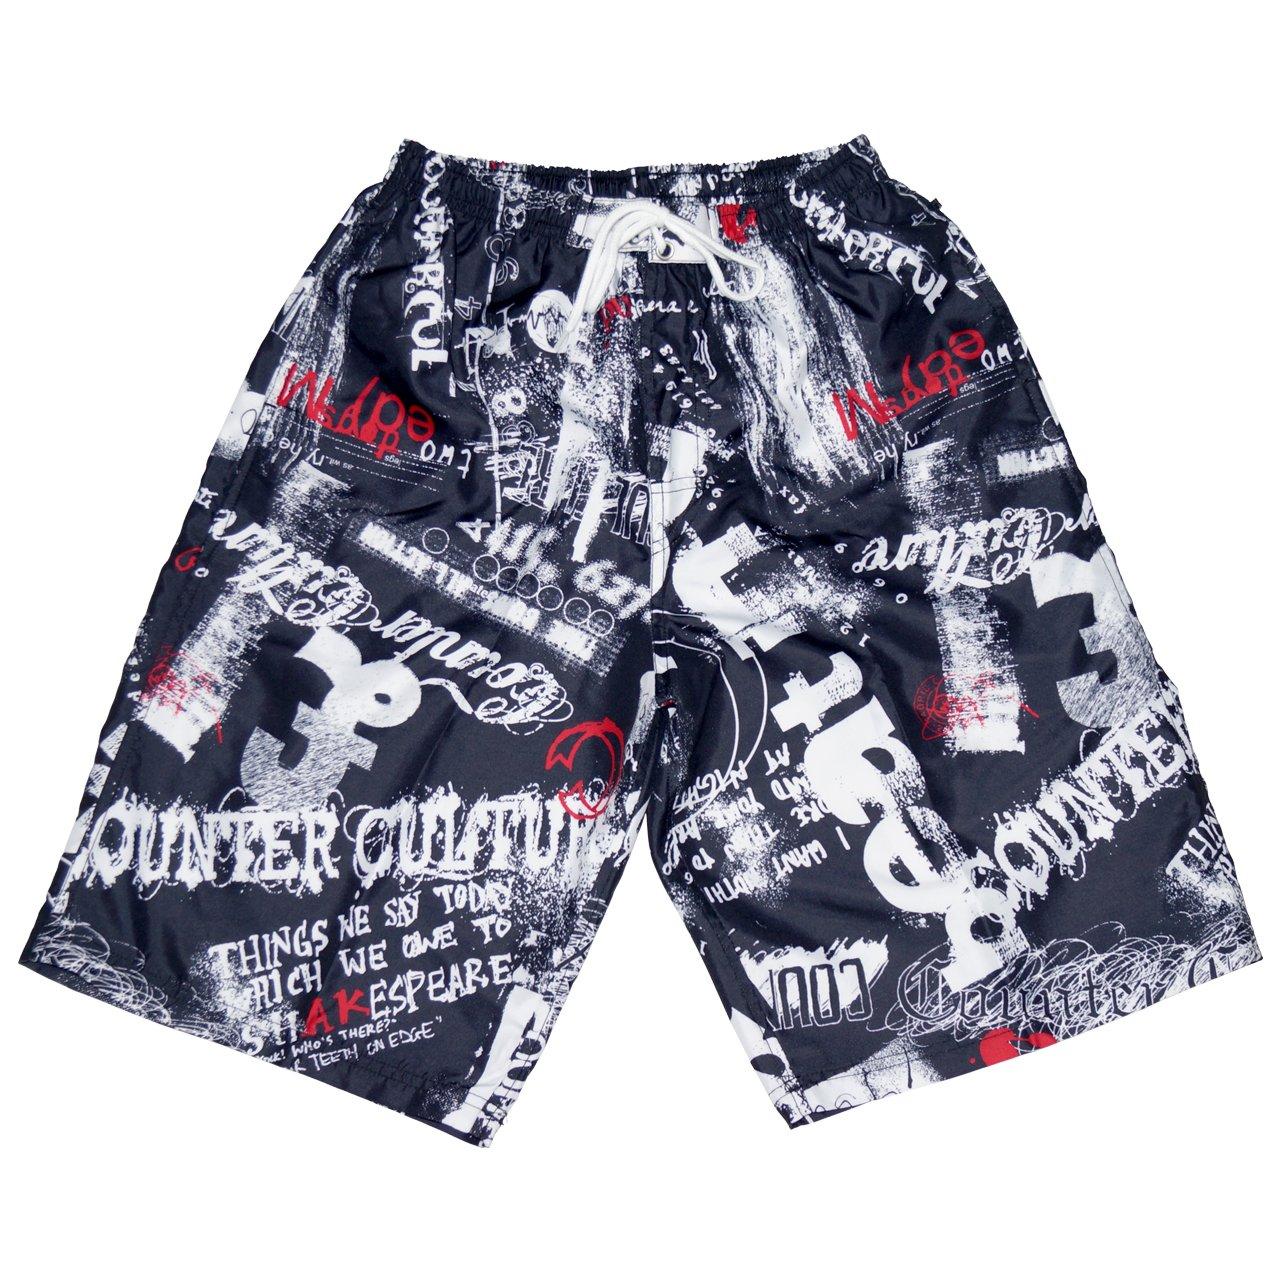 CROSSROAD Men's swimming trunks 0239-338(M, Black)